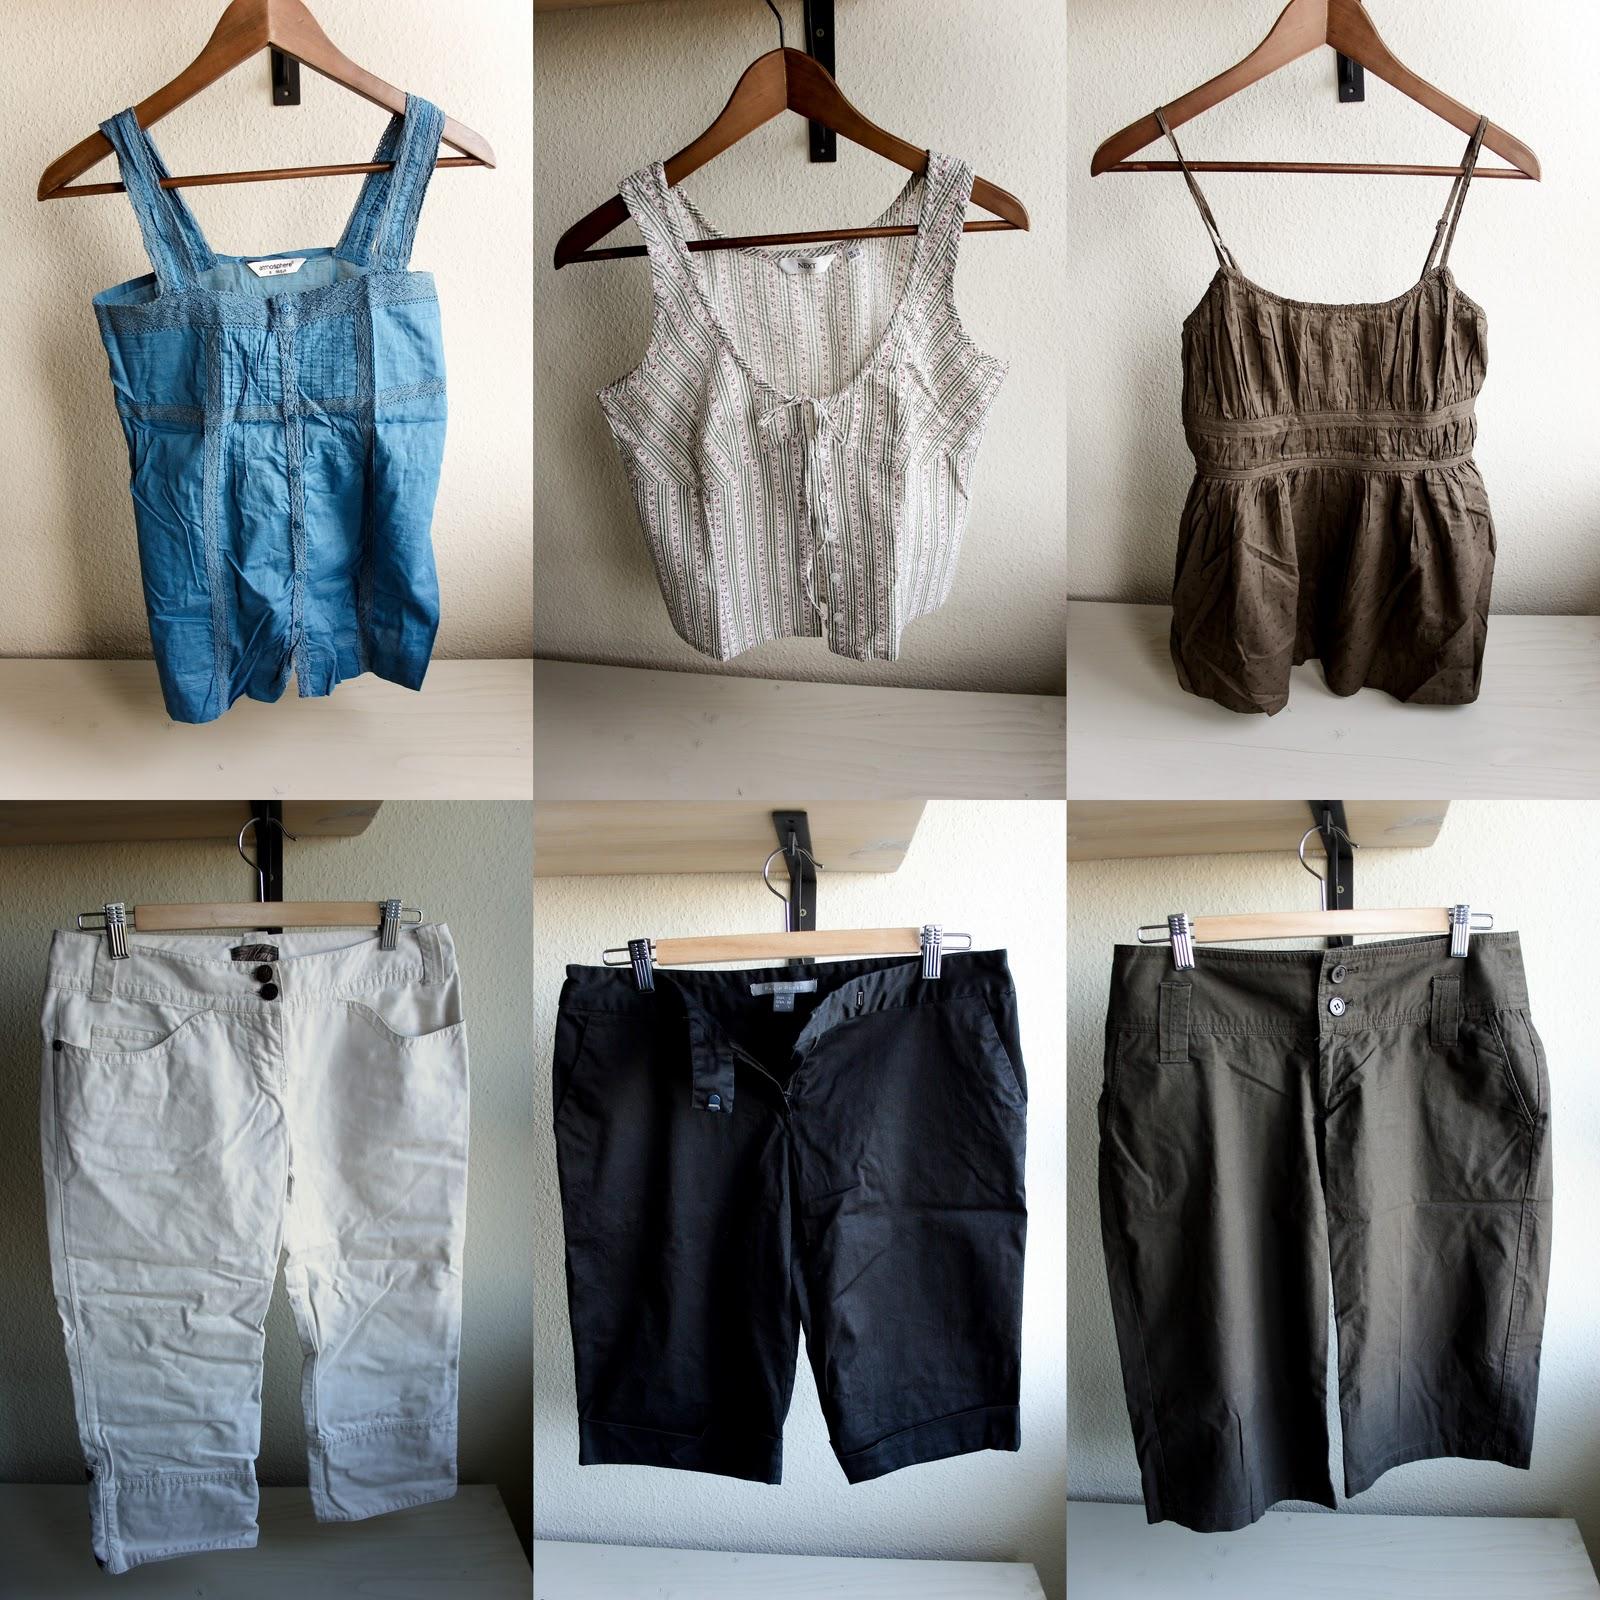 cff4bcf203 6 db-os nyári ruhacsomag - 3 db nadrág és 3 db ujjatlan felső. Tartalma:  MANGO fehér farmer anyagú halásznadrág (38) PHILIP RUSSEL fekete  halásznadrág (L)